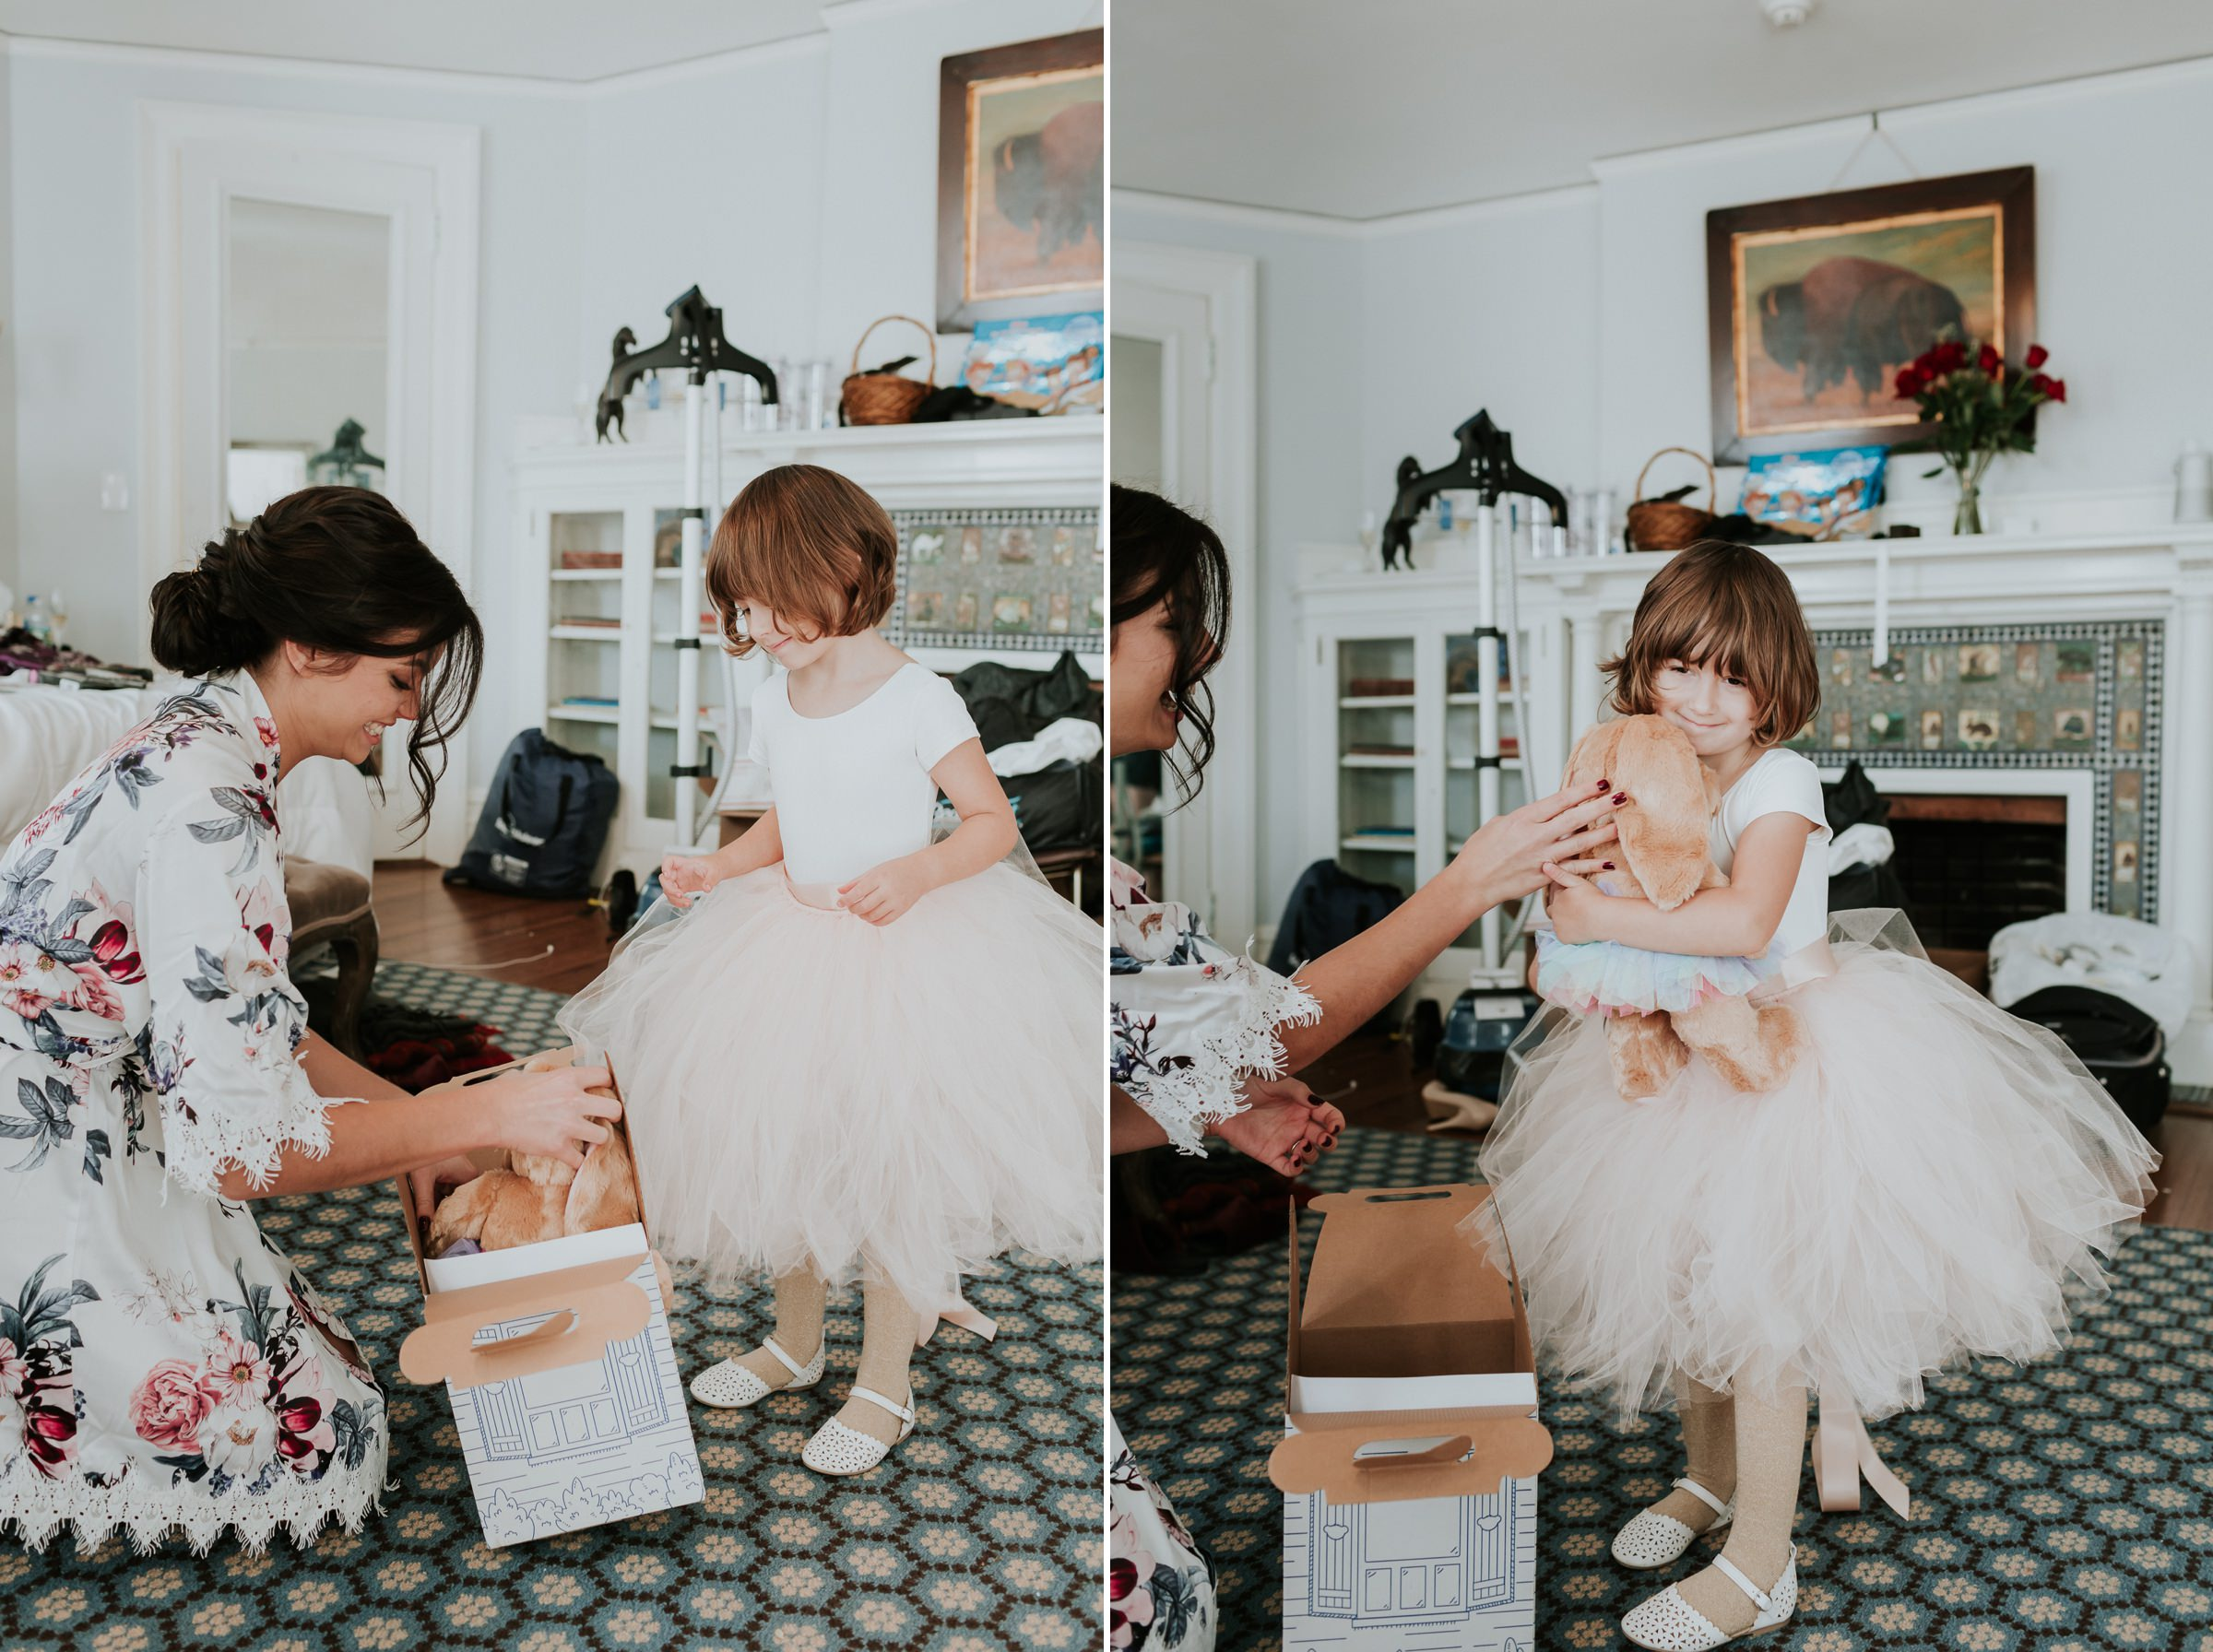 Arrow-Park-Monroe-NY-Documentary-Wedding-Photographer-118.jpg